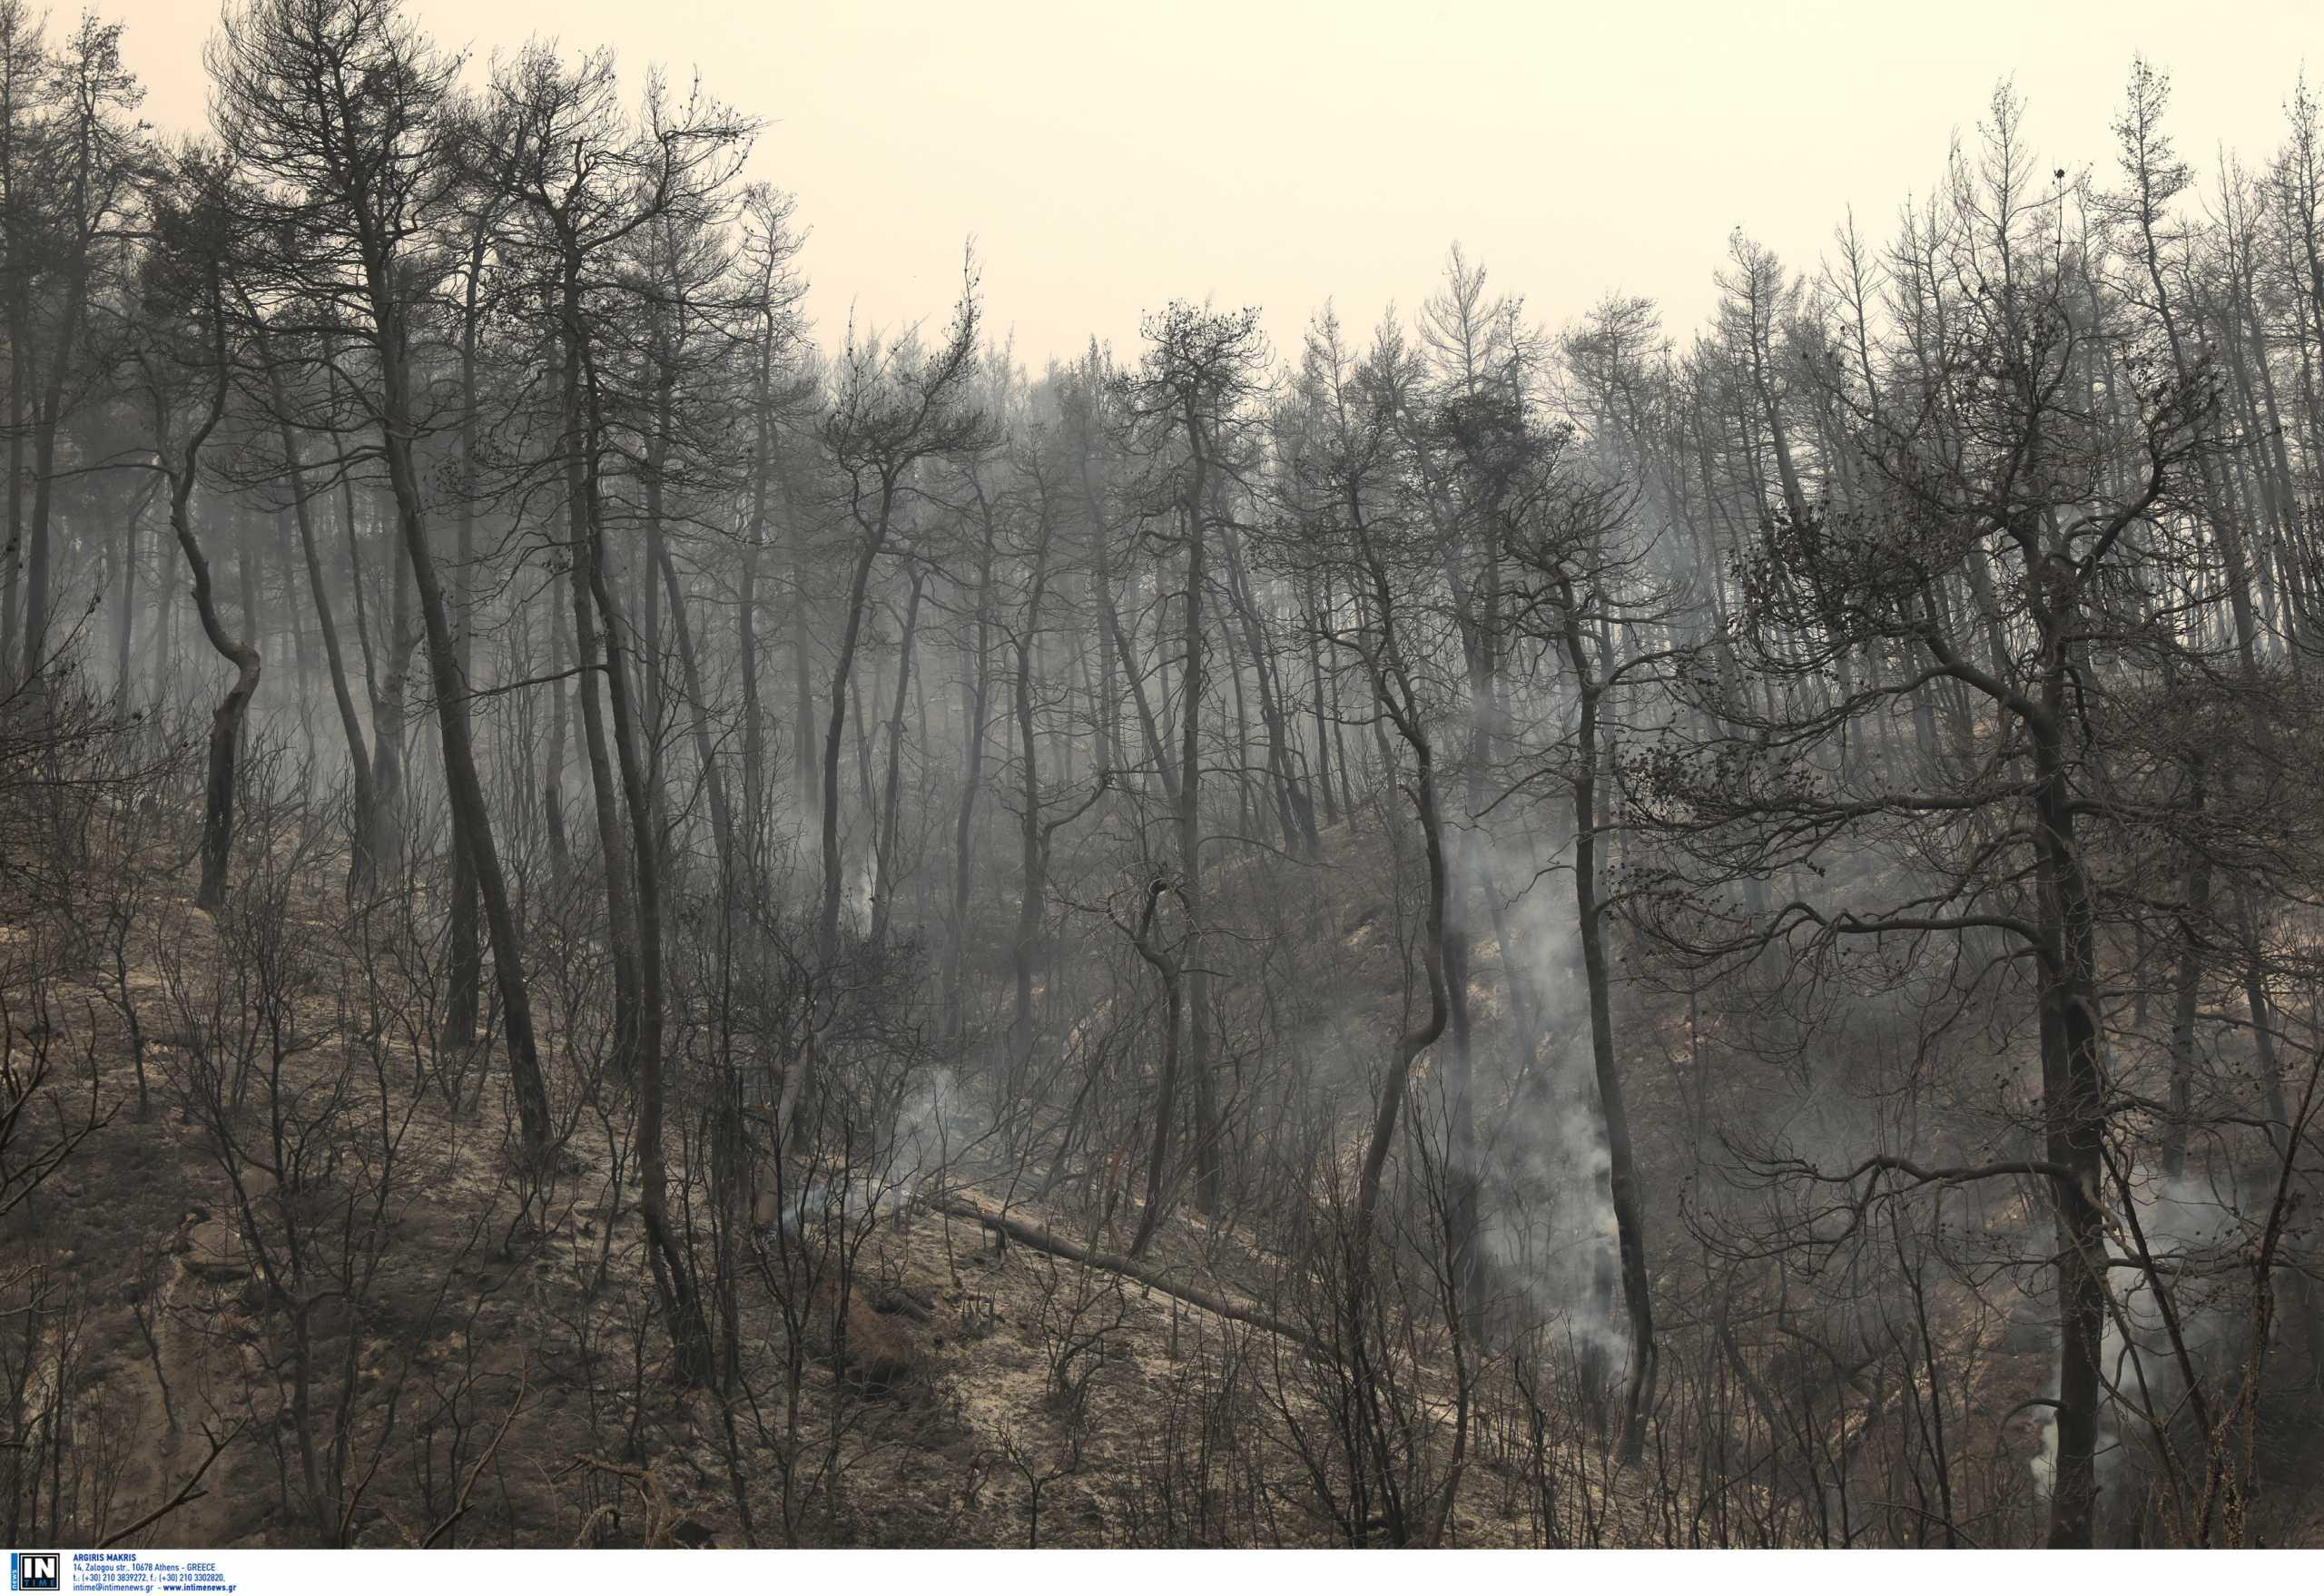 Φωτιές: Κάηκαν 9.000 μελισσοσμήνη και χάθηκαν 10.000 τόνοι πευκόμελου